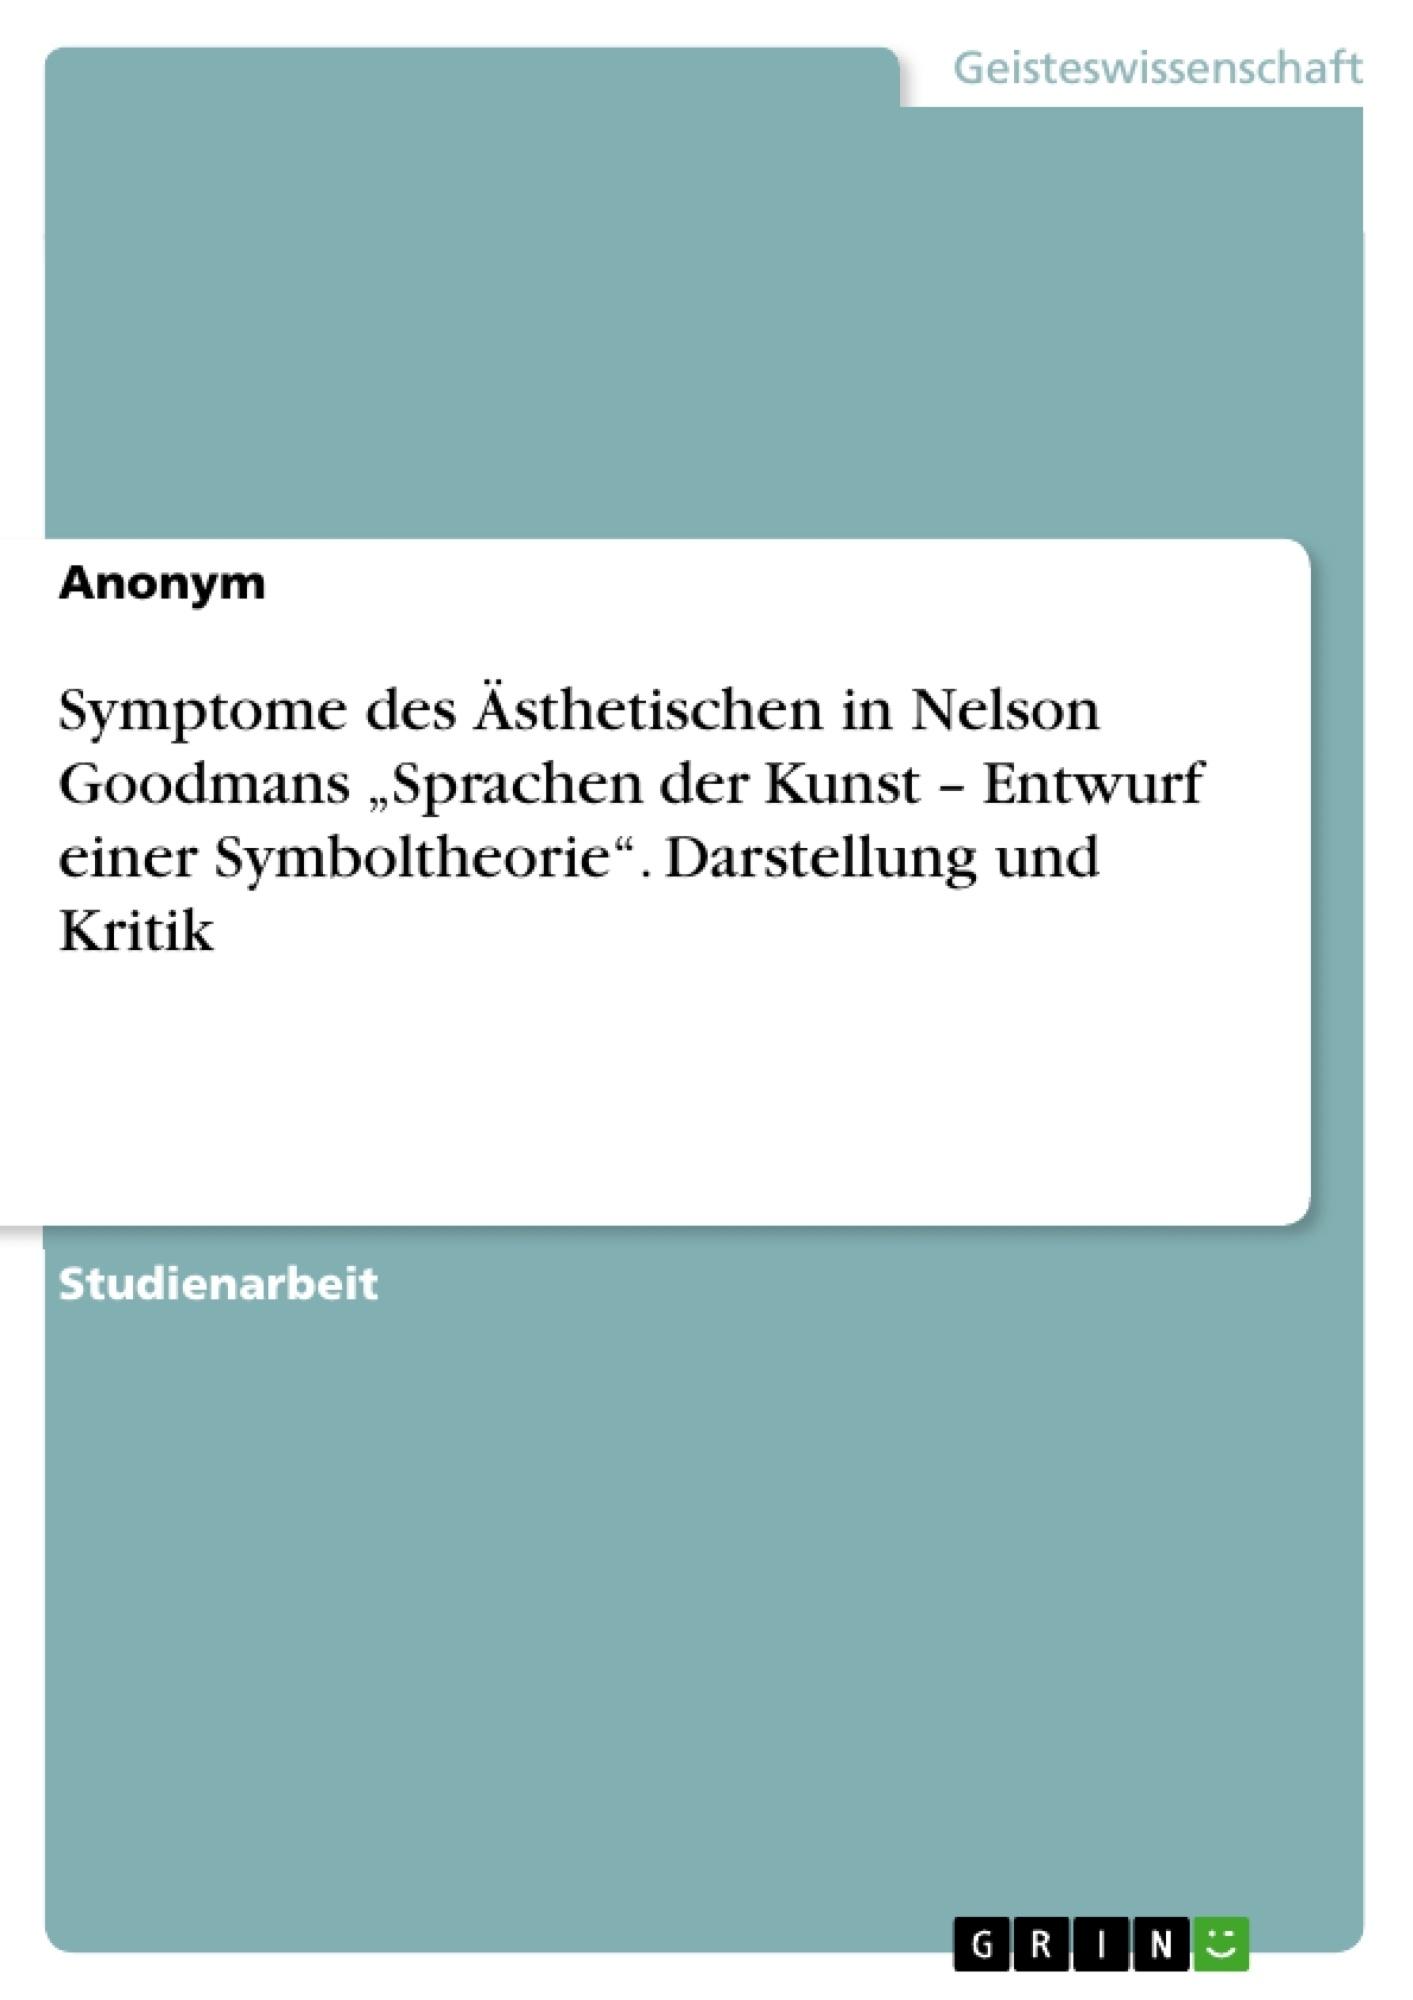 """Titel: Symptome des Ästhetischen in Nelson Goodmans """"Sprachen der Kunst – Entwurf einer Symboltheorie"""". Darstellung und Kritik"""